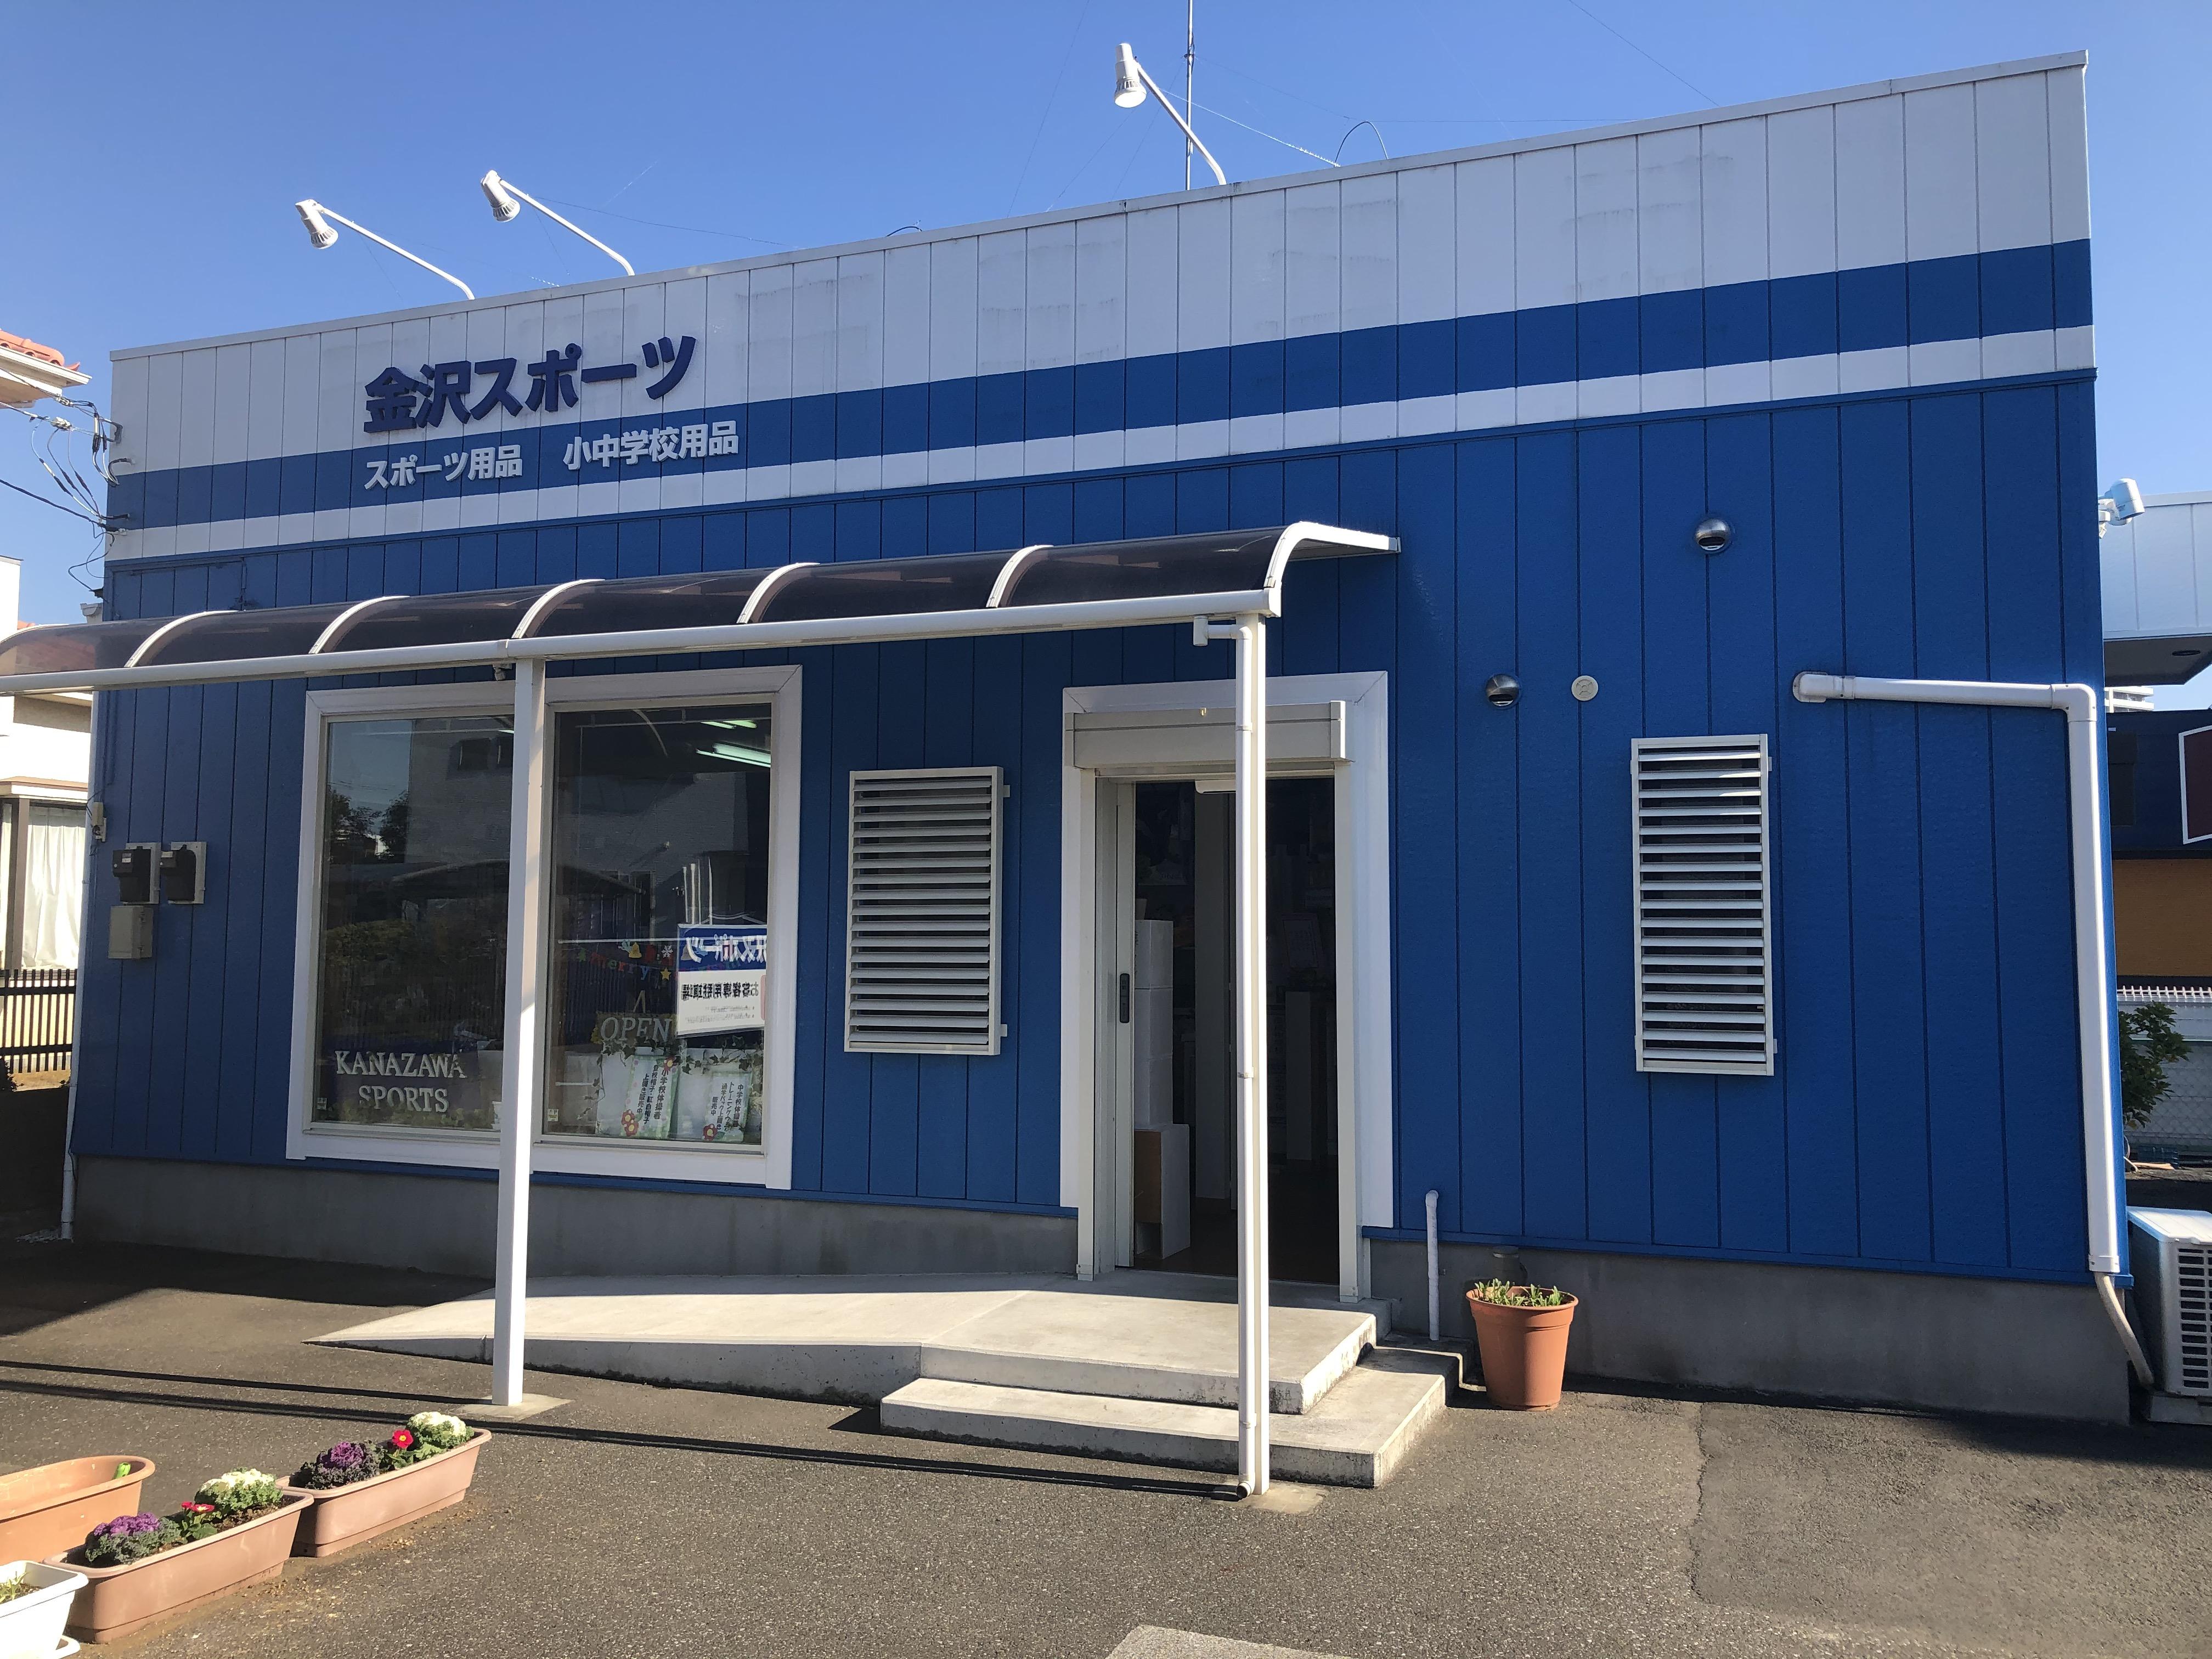 金沢スポーツ